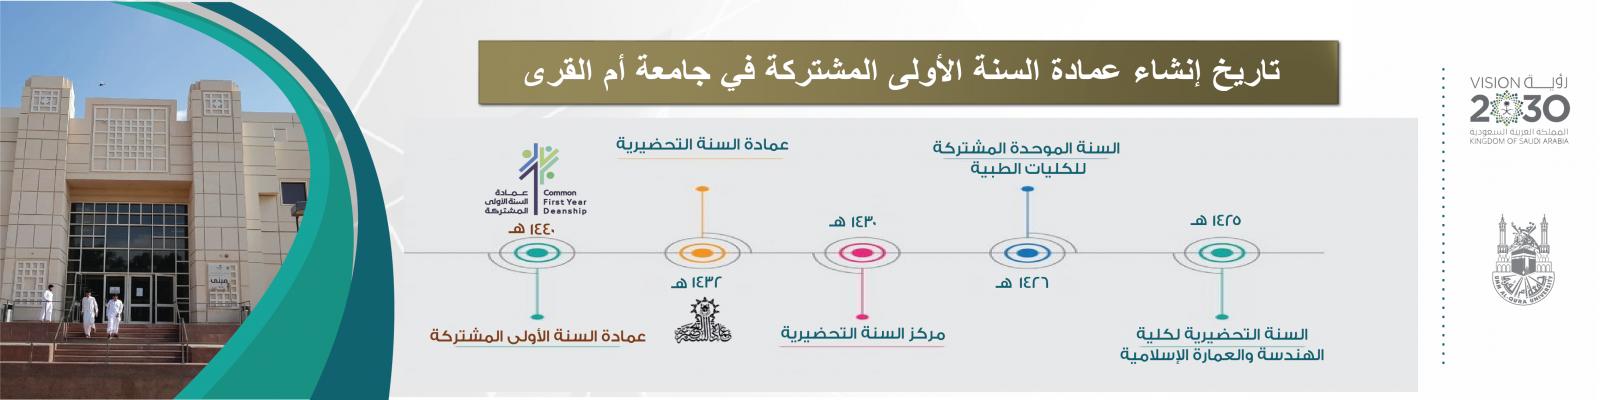 تاريخ إنشاء عمادة السنة الأولى المشتركة في جامعة أم القرى